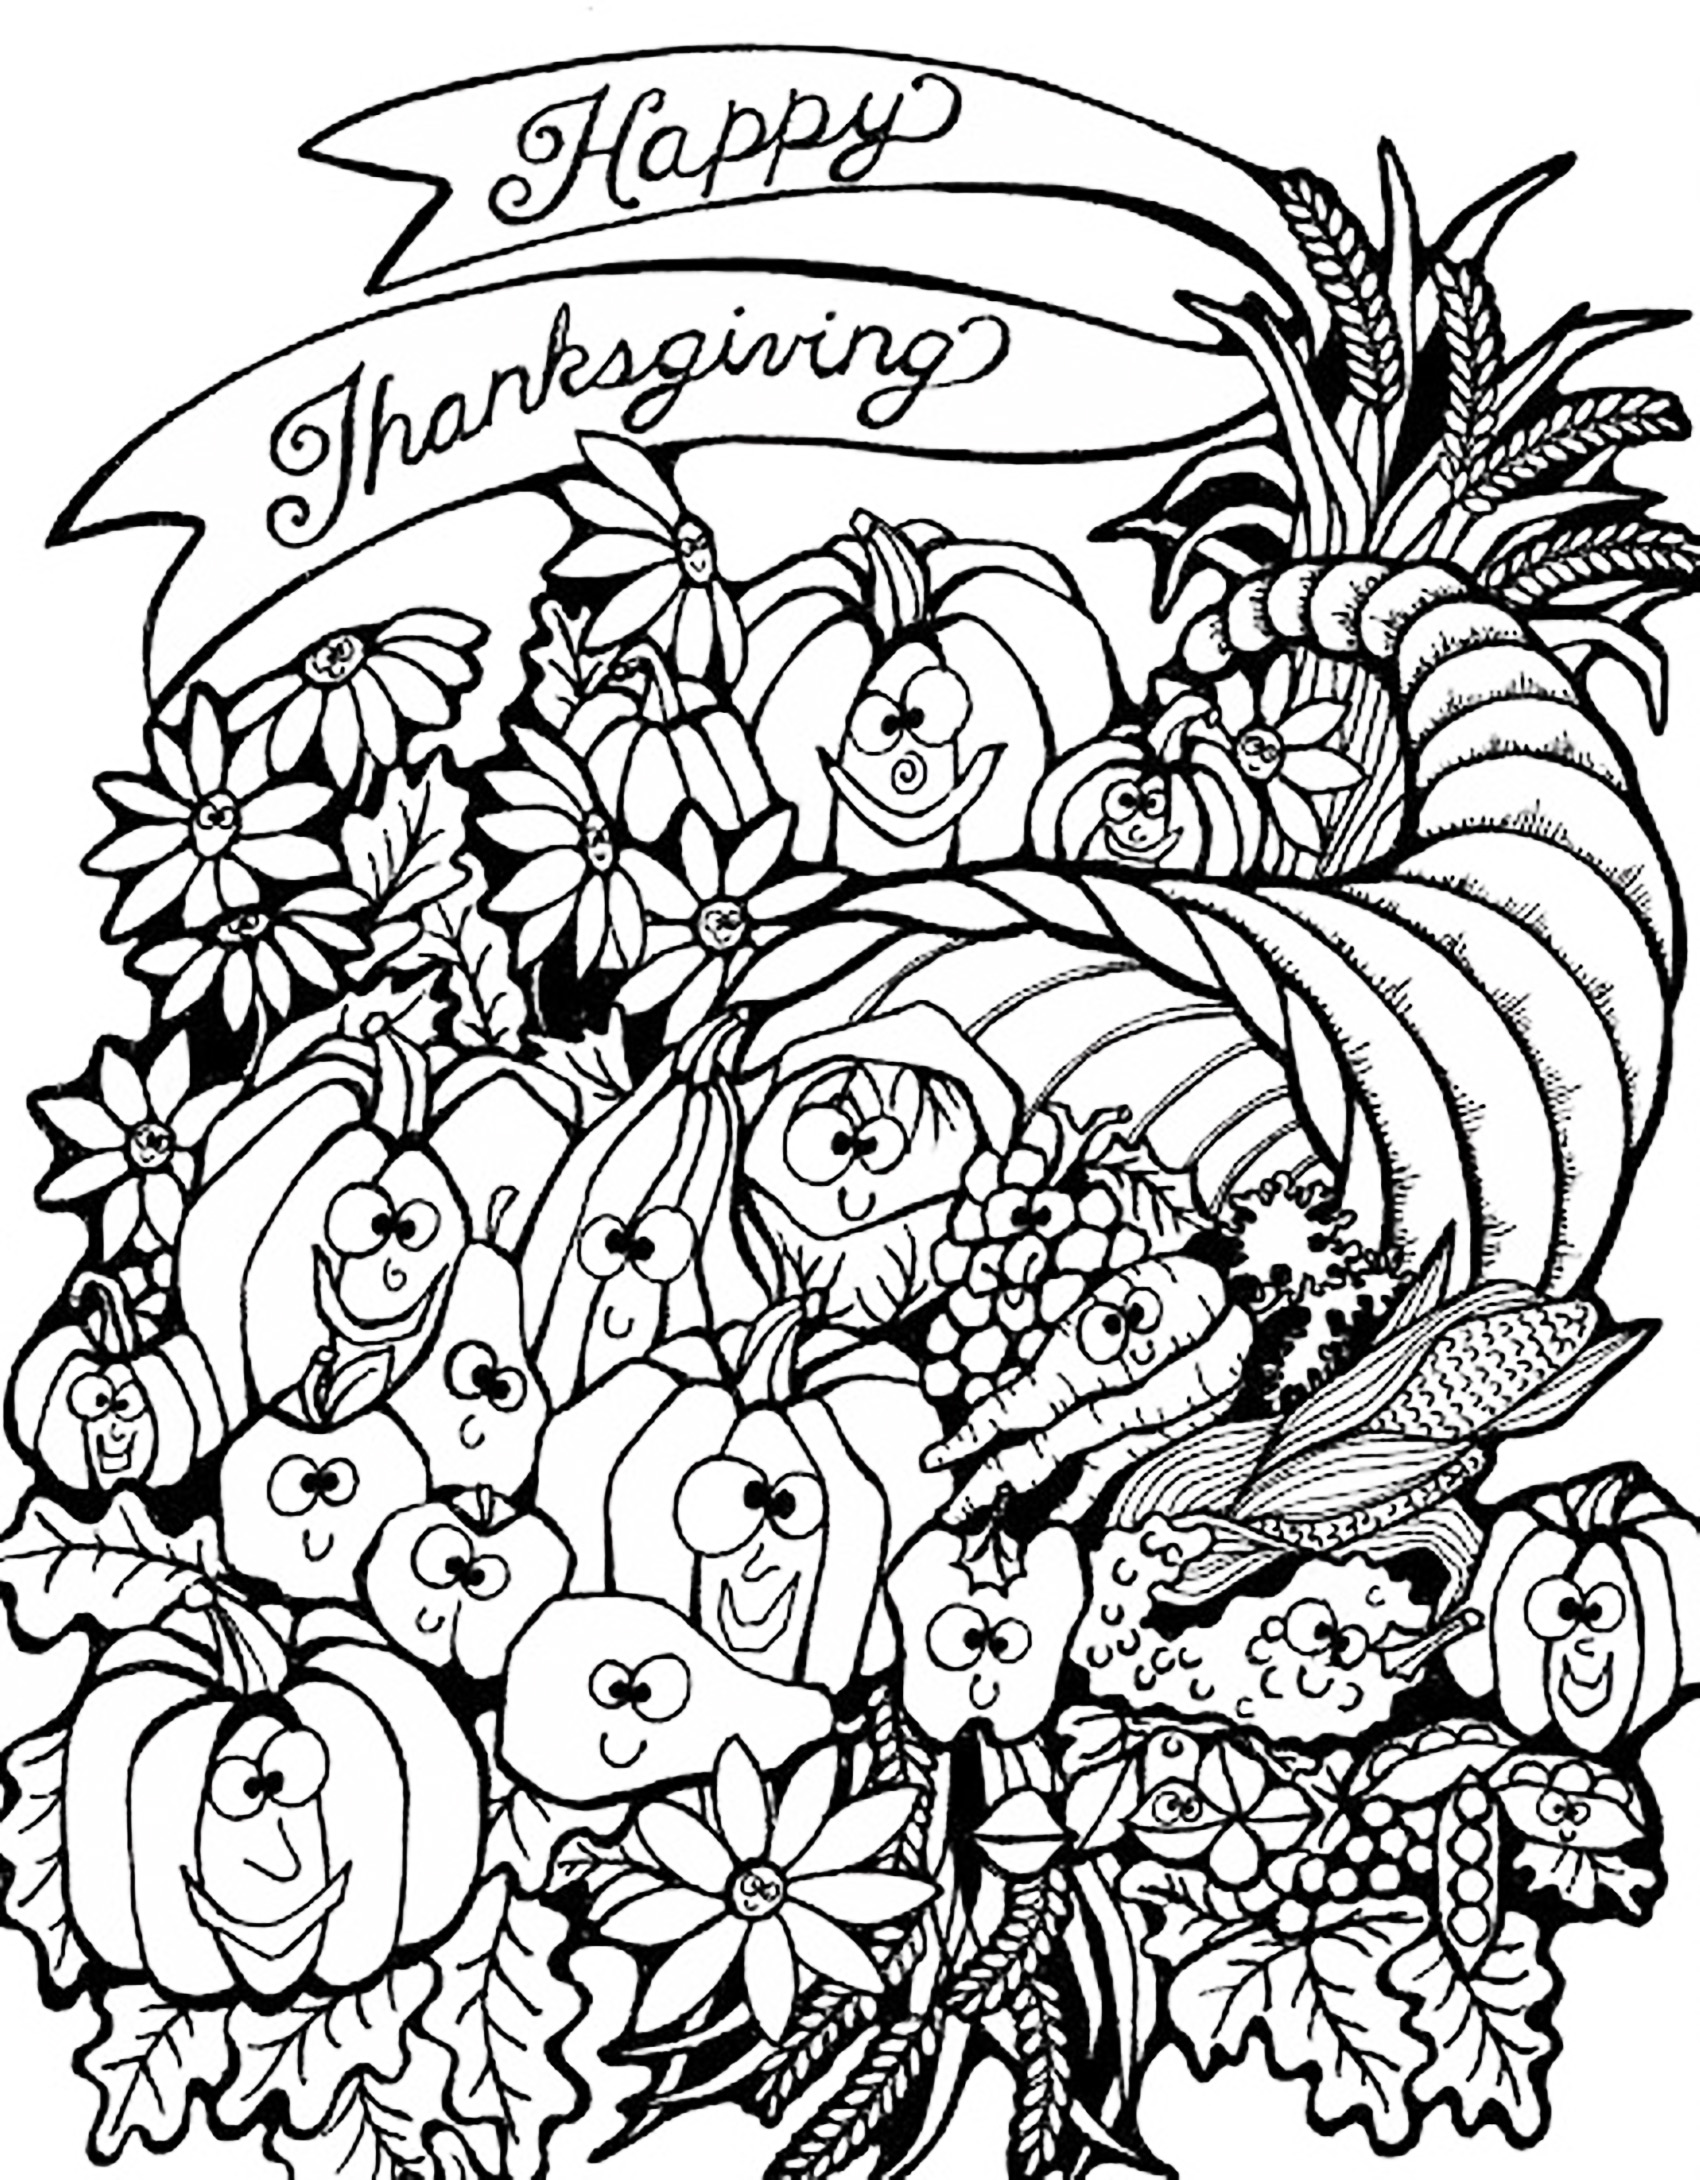 Disegni da colorare per adulti : Thanksgiving - 7